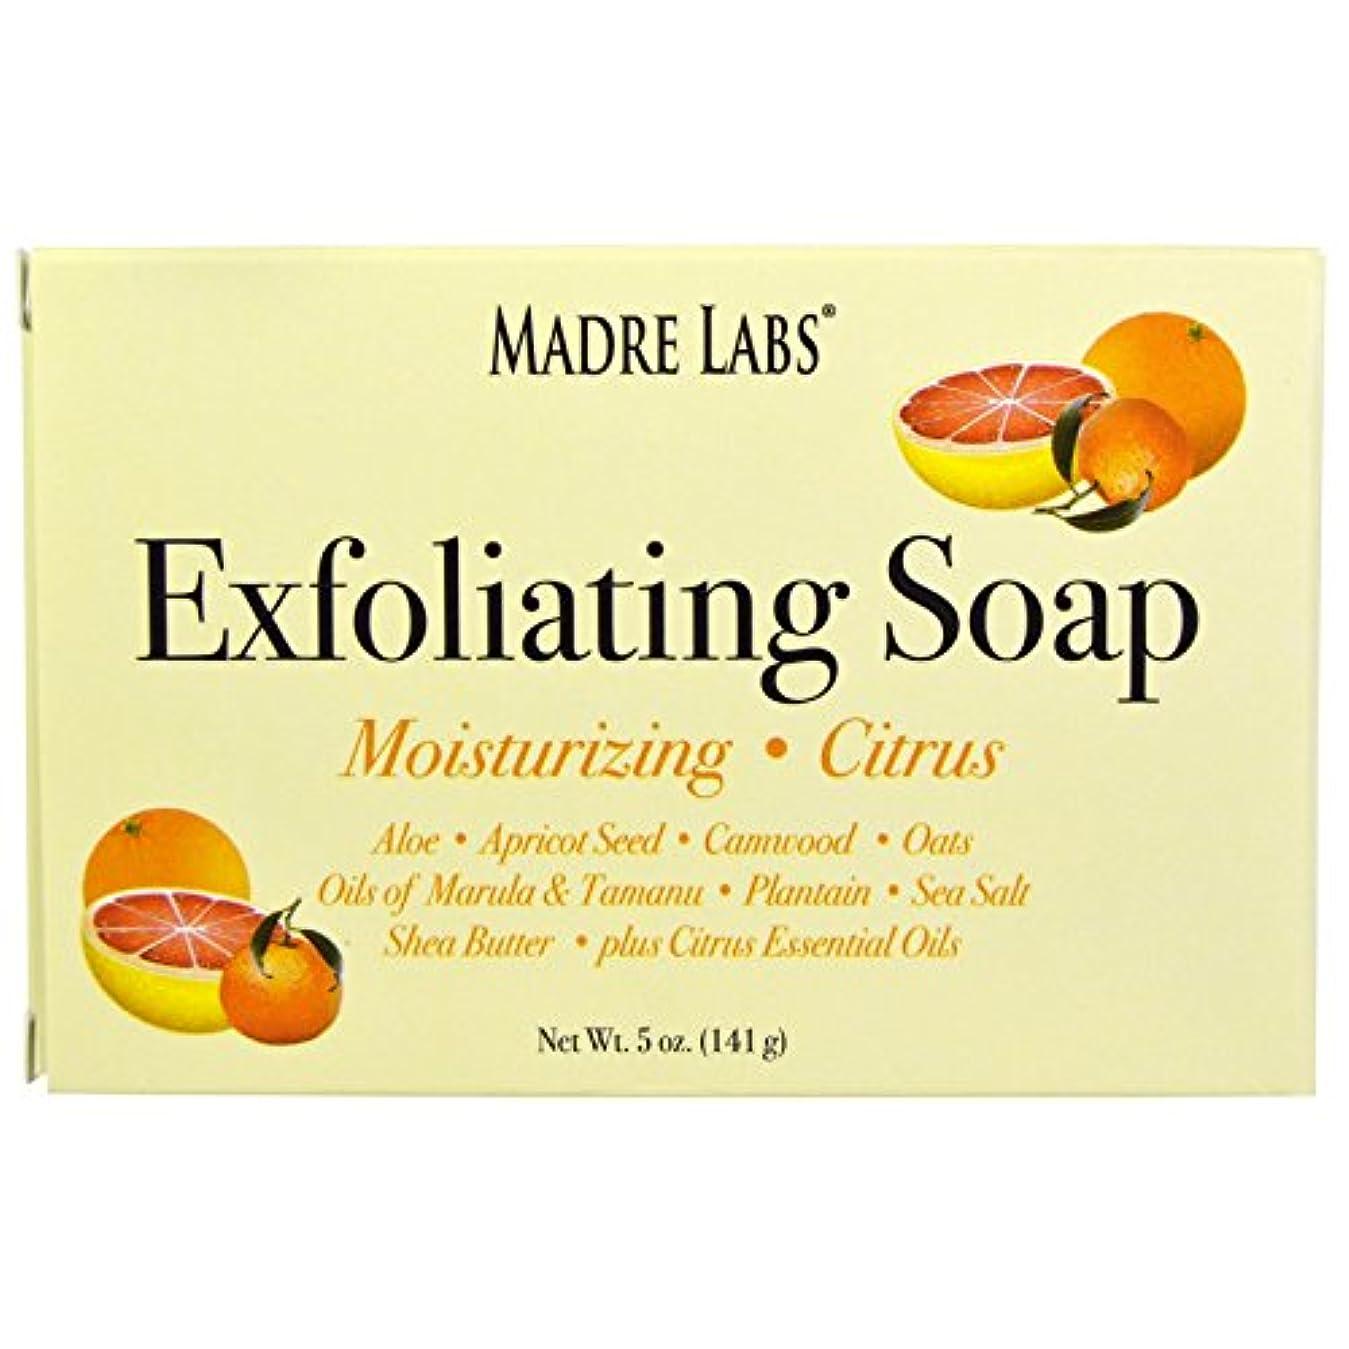 コンピューターゲームをプレイするママ量でマドレラブ シアバター入り石鹸 柑橘フレーバー Madre Labs Exfoliating Soap Bar with Marula & Tamanu Oils plus Shea Butter